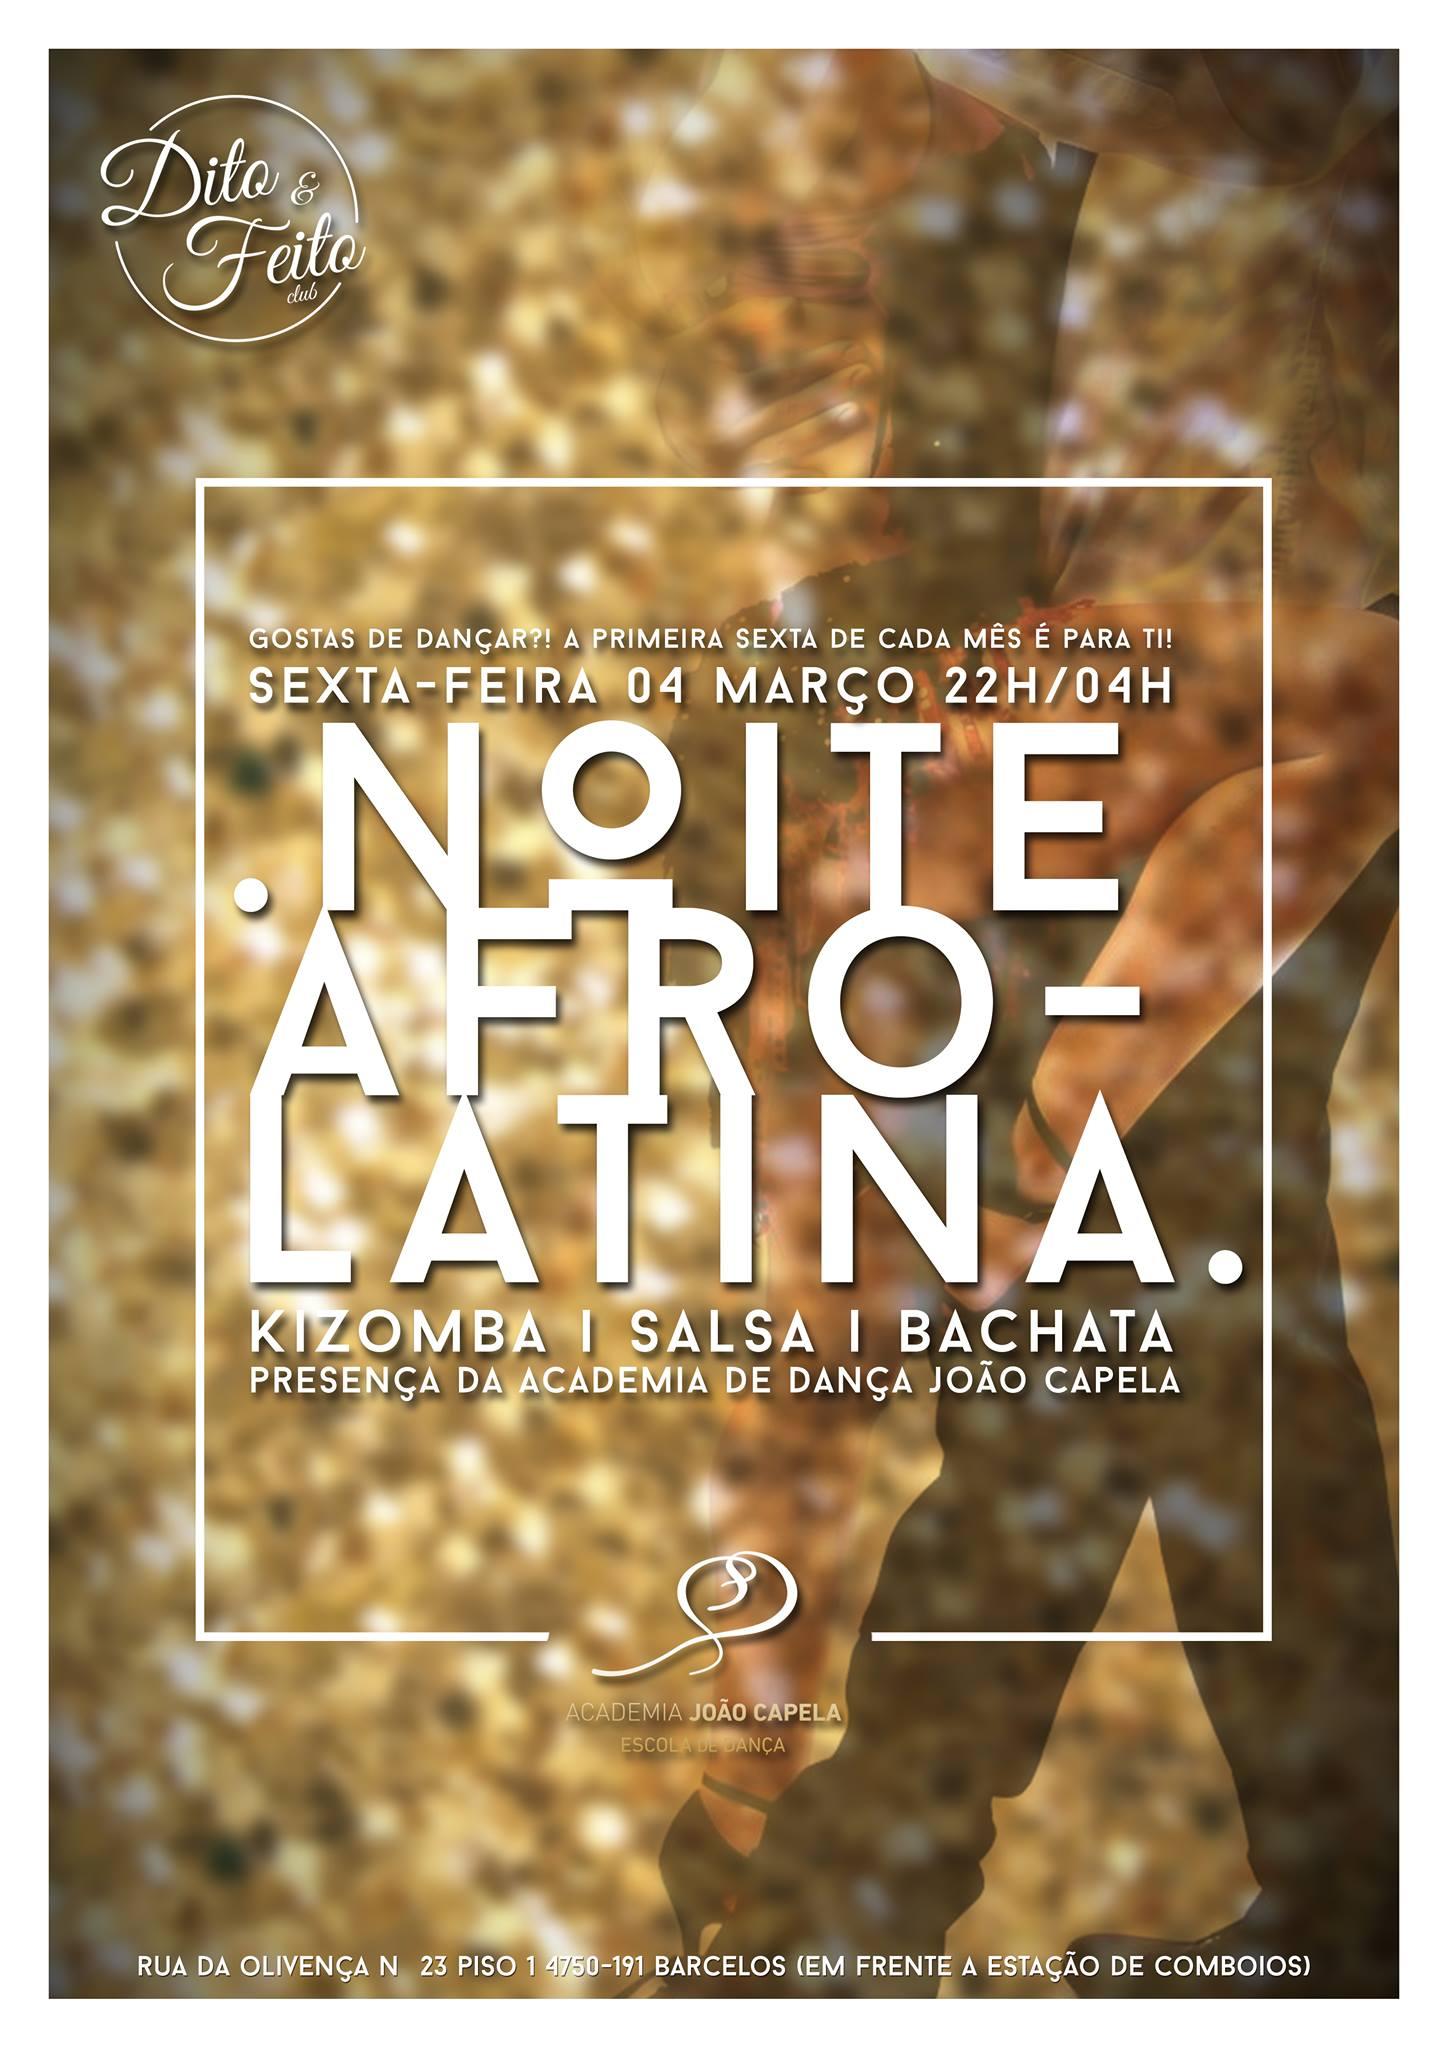 Noite Afro Latina 4 Mar 16 Poster